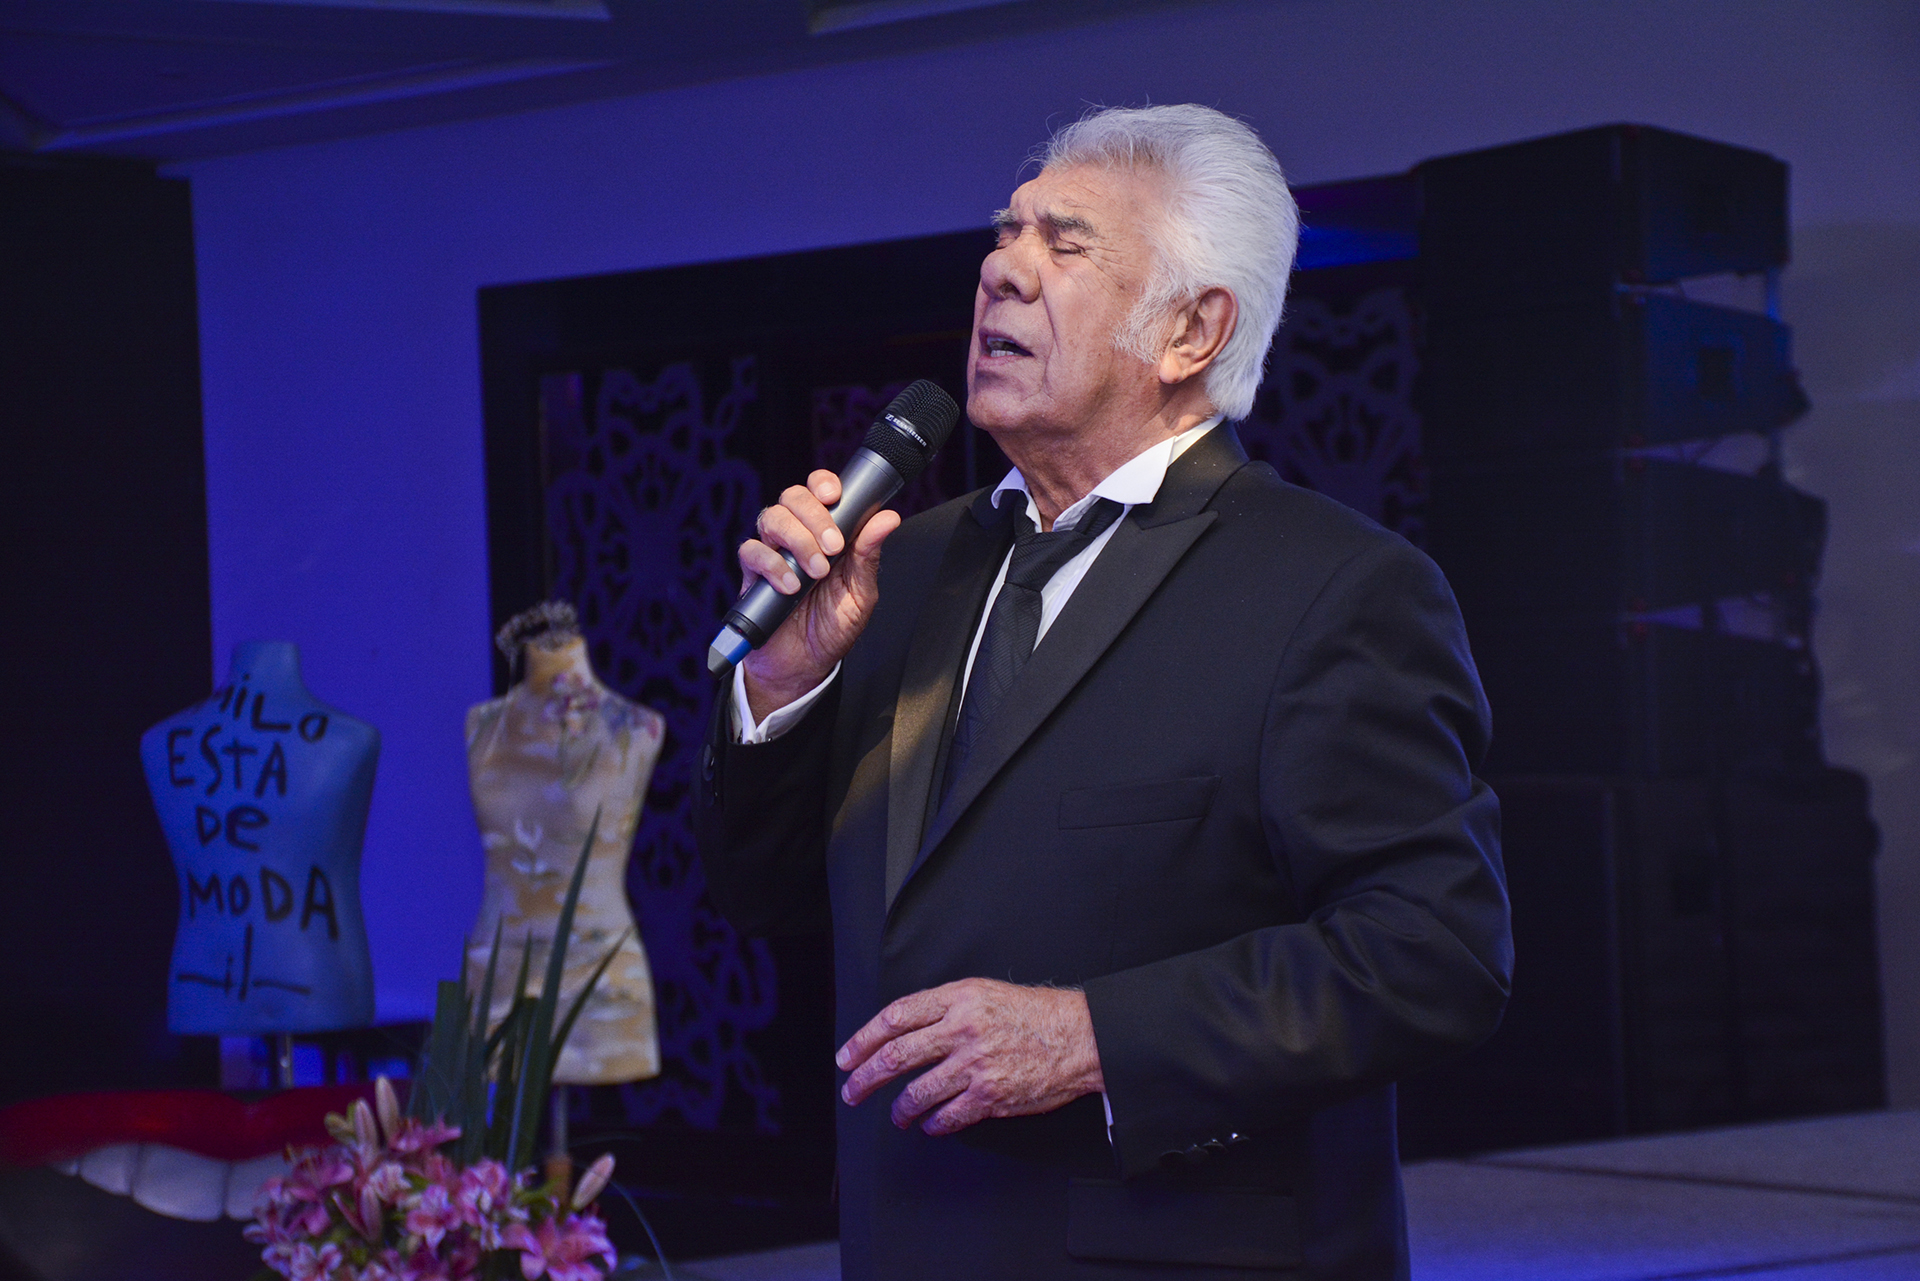 El show de Raúl Lavié